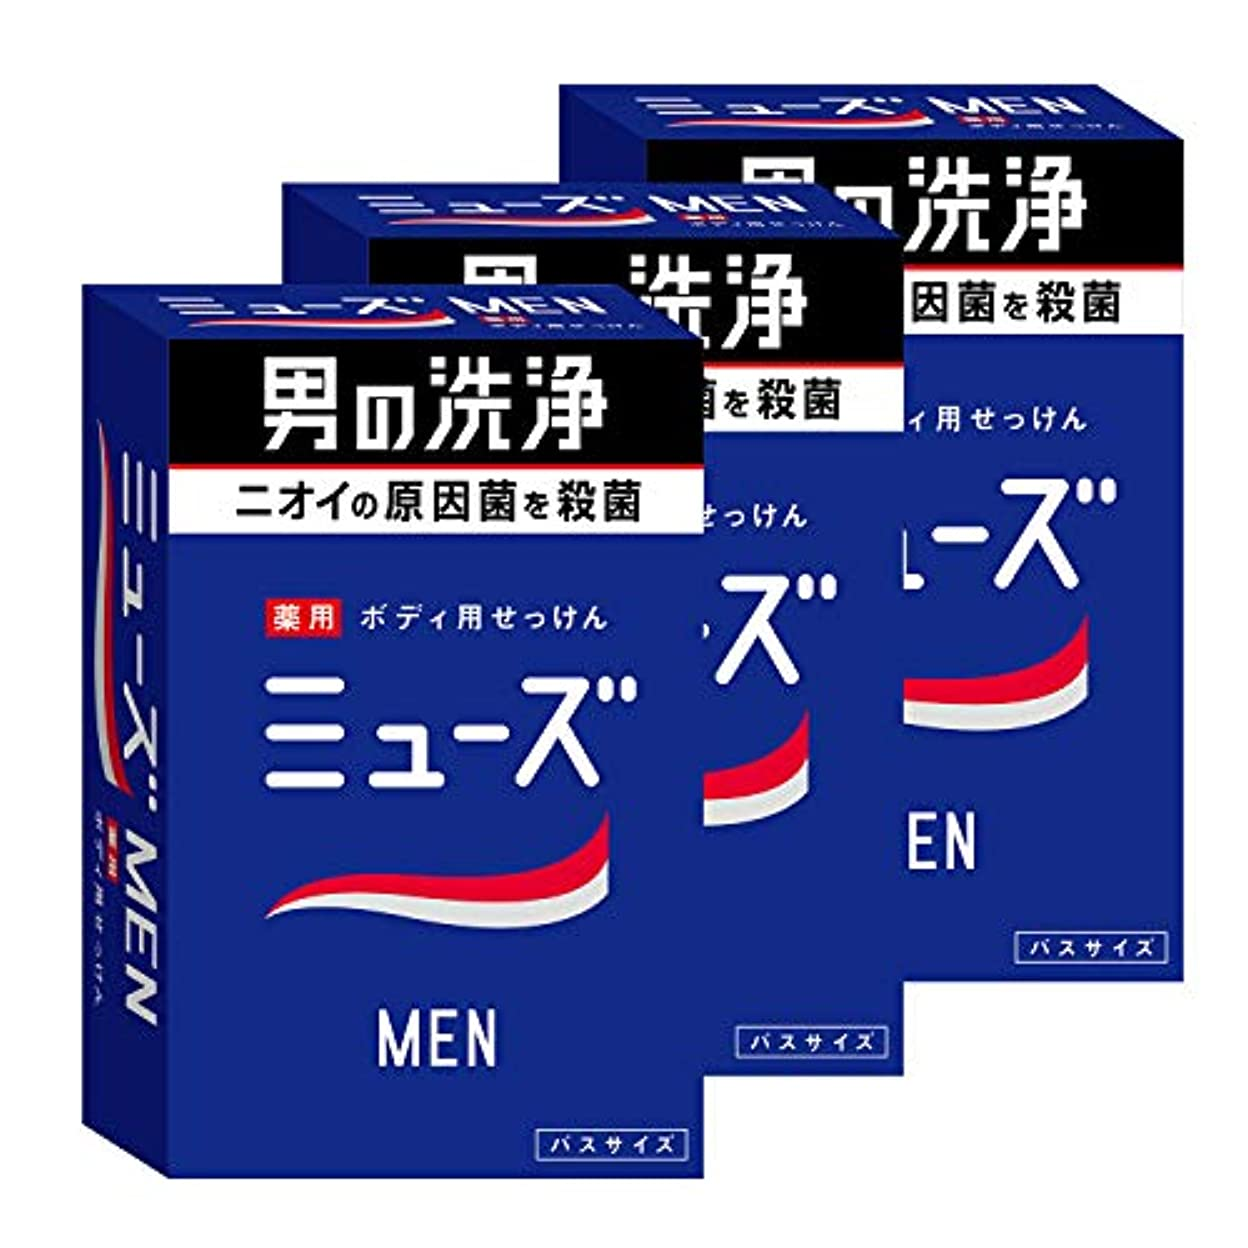 付添人ベアリング森林【医薬部外品】ミューズメン ボディ用 石鹸 135g ×3個 消臭